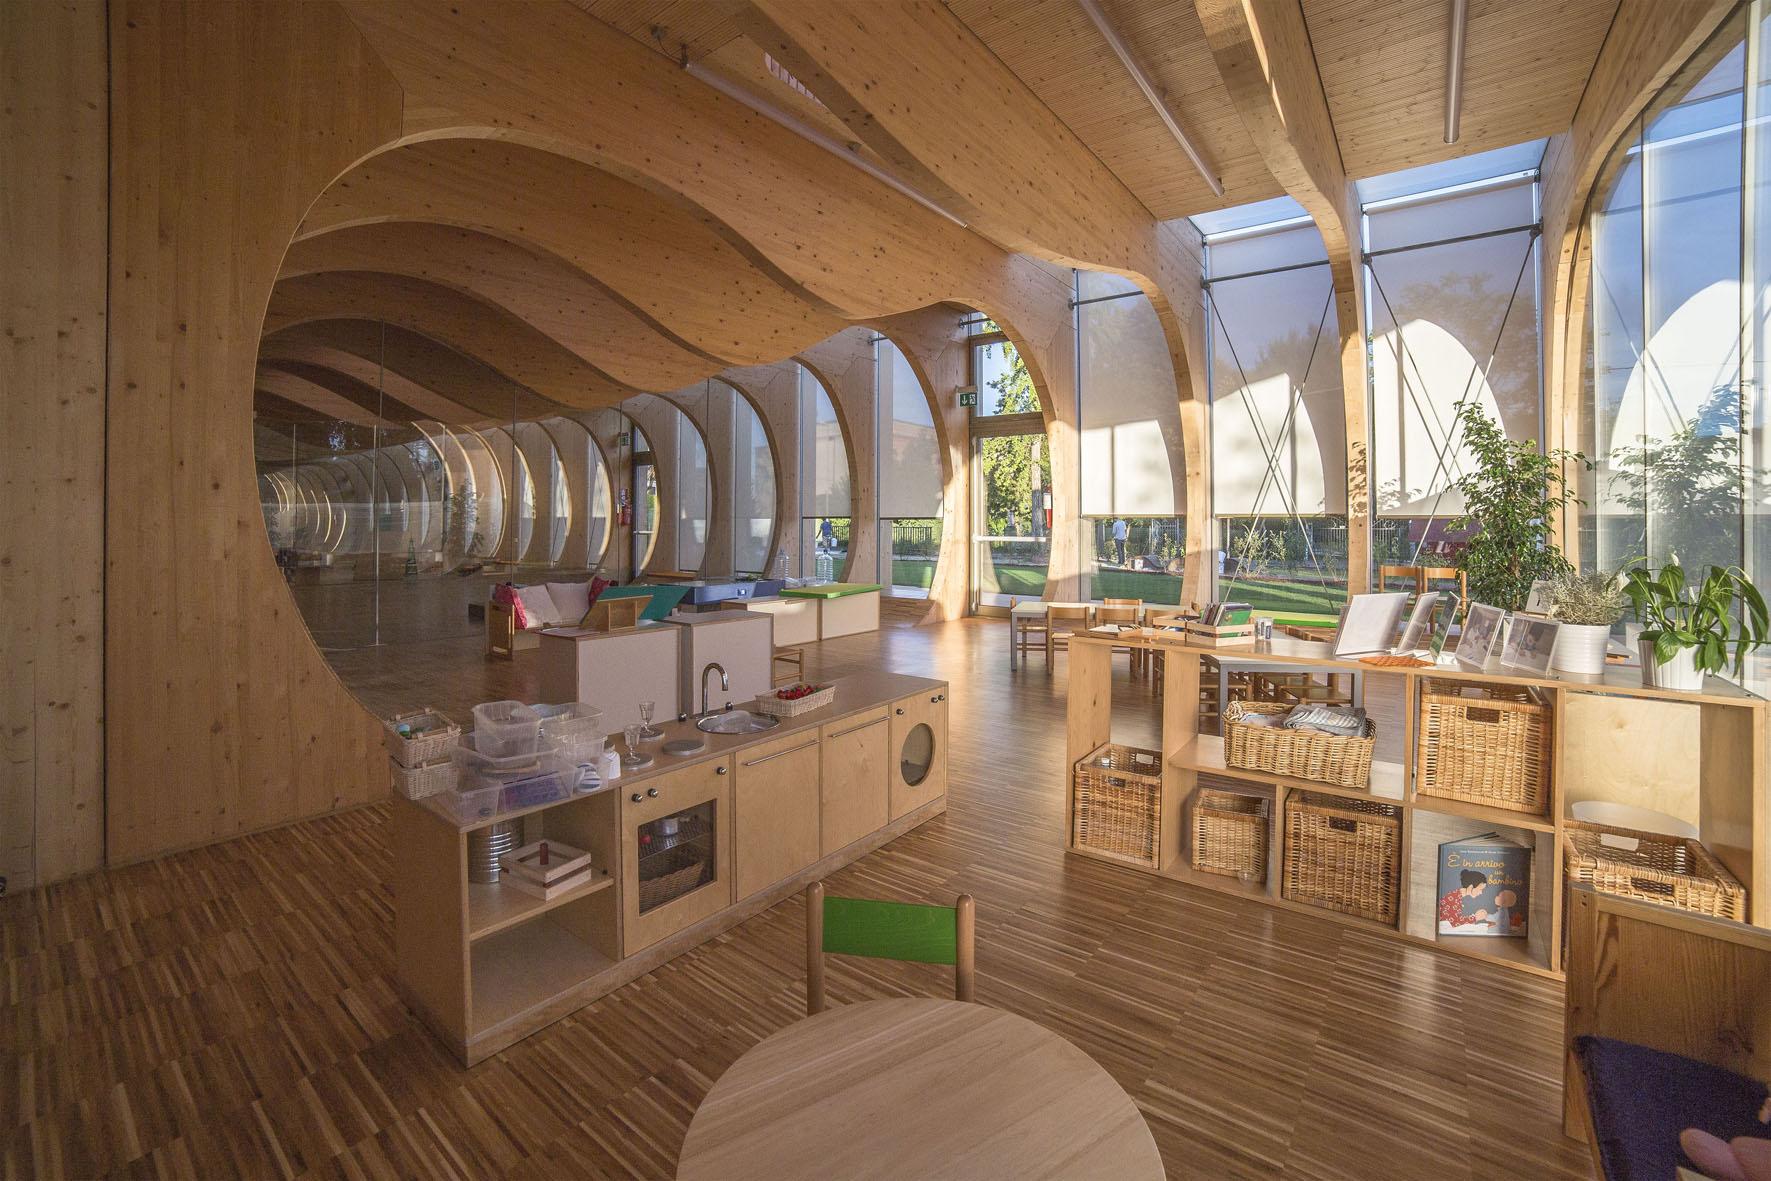 L 39 asilo di rubner holzbau innovazione sostenibile casa for Case di legno rubner